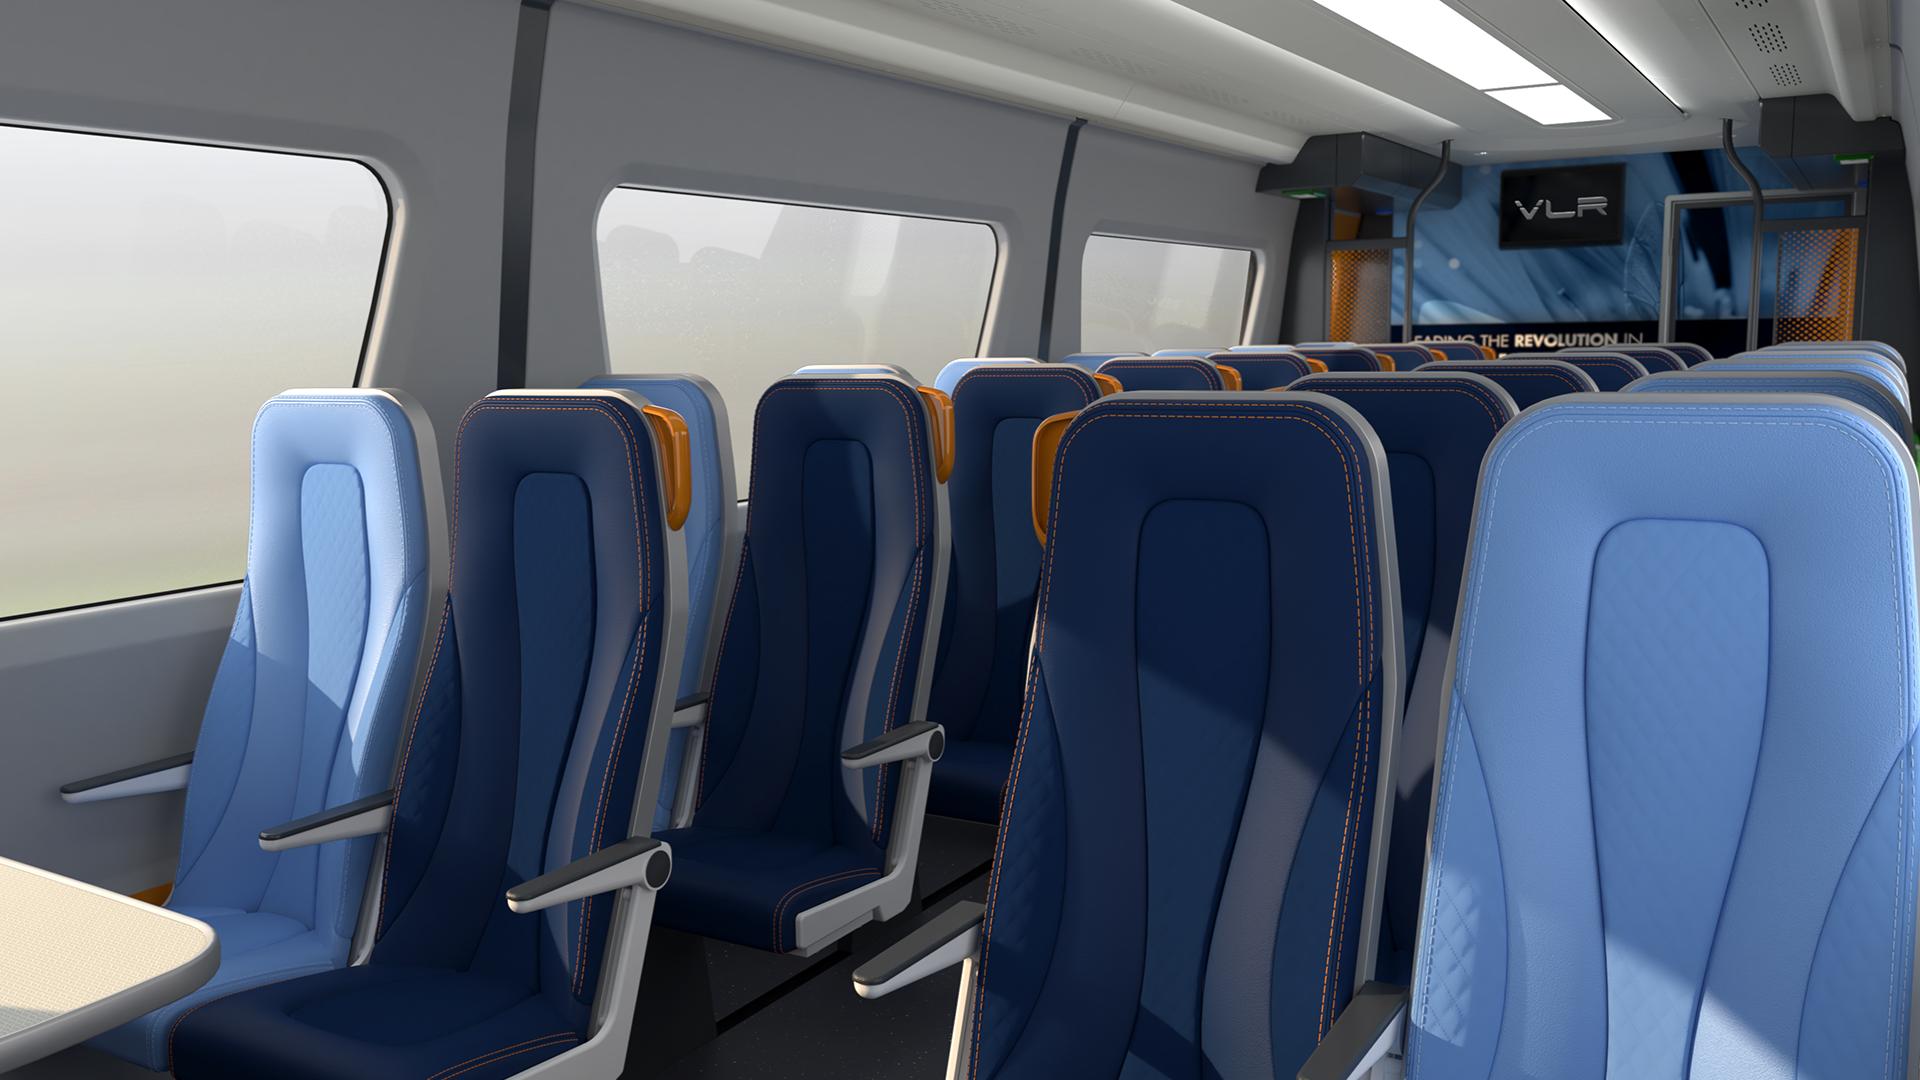 Interior of revolution VLR train